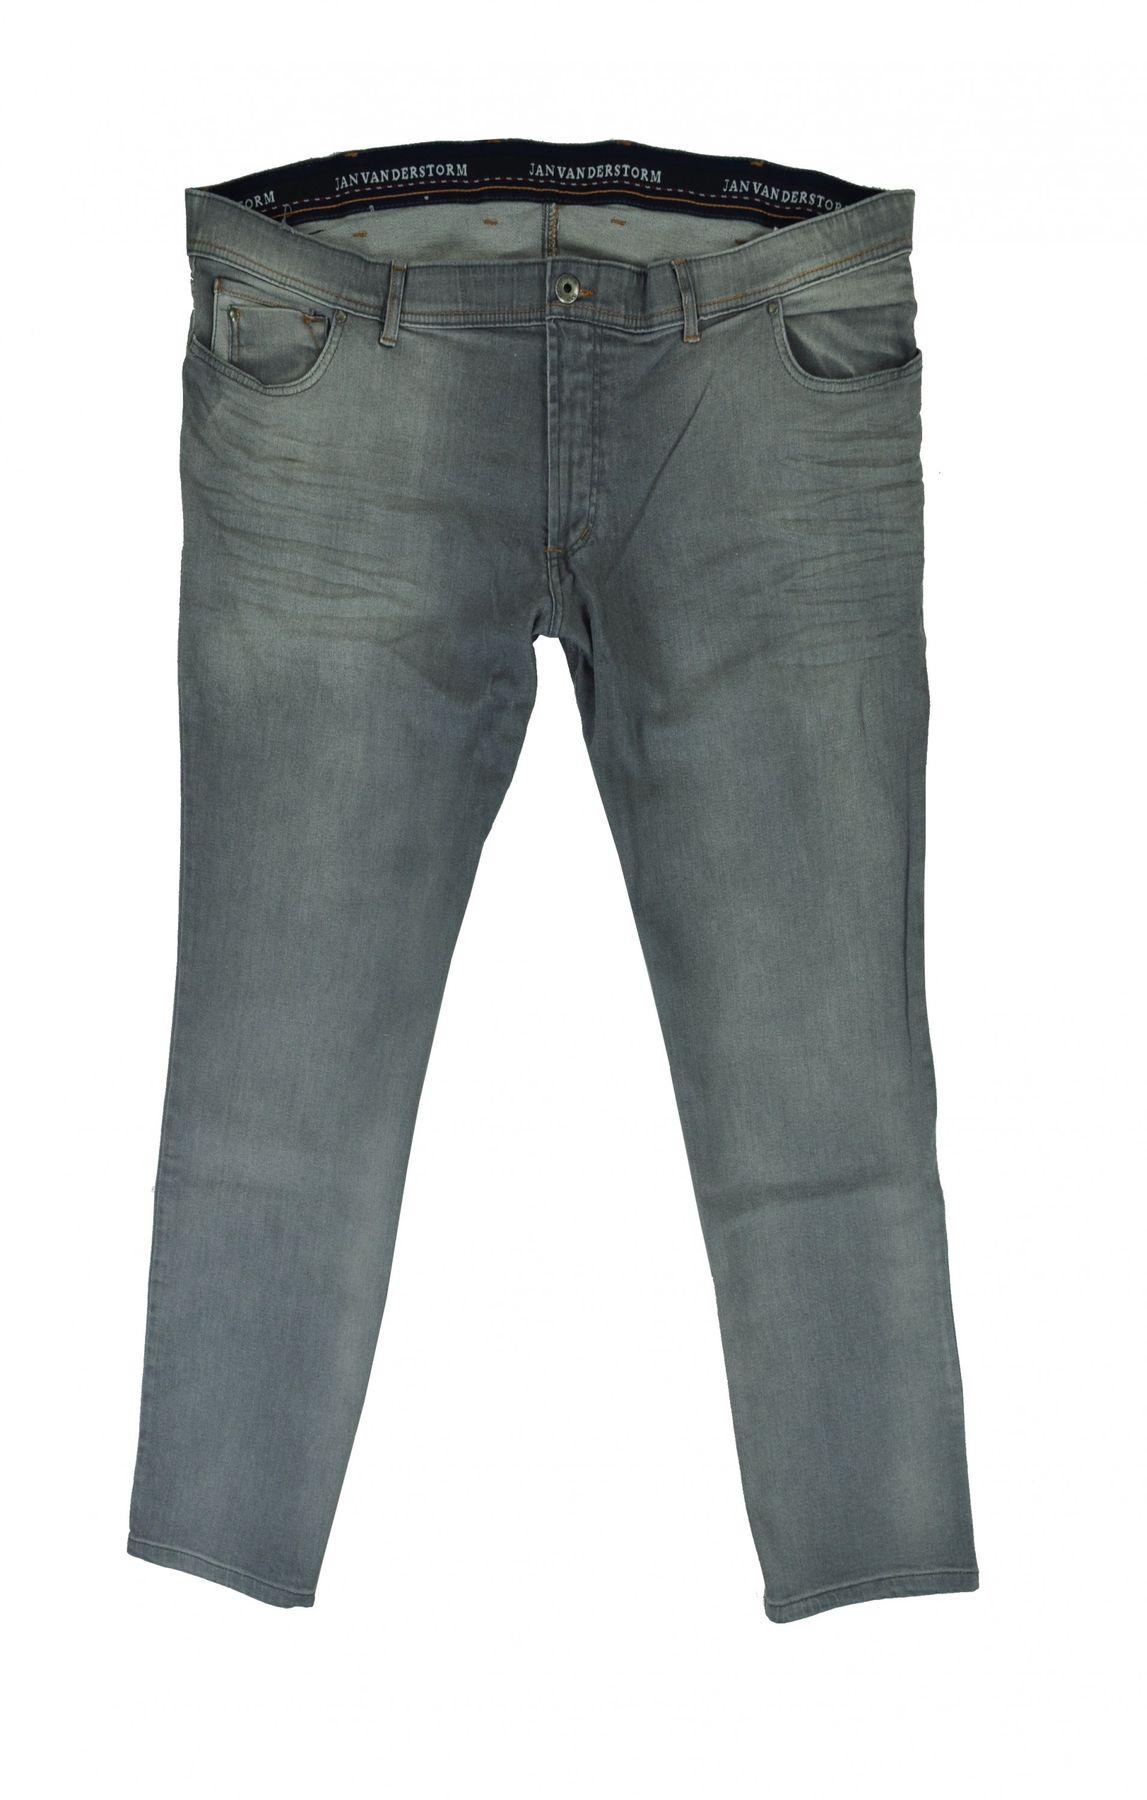 Herren Übergrößen 5 Pocket Jeans in Anthrazit (083703)